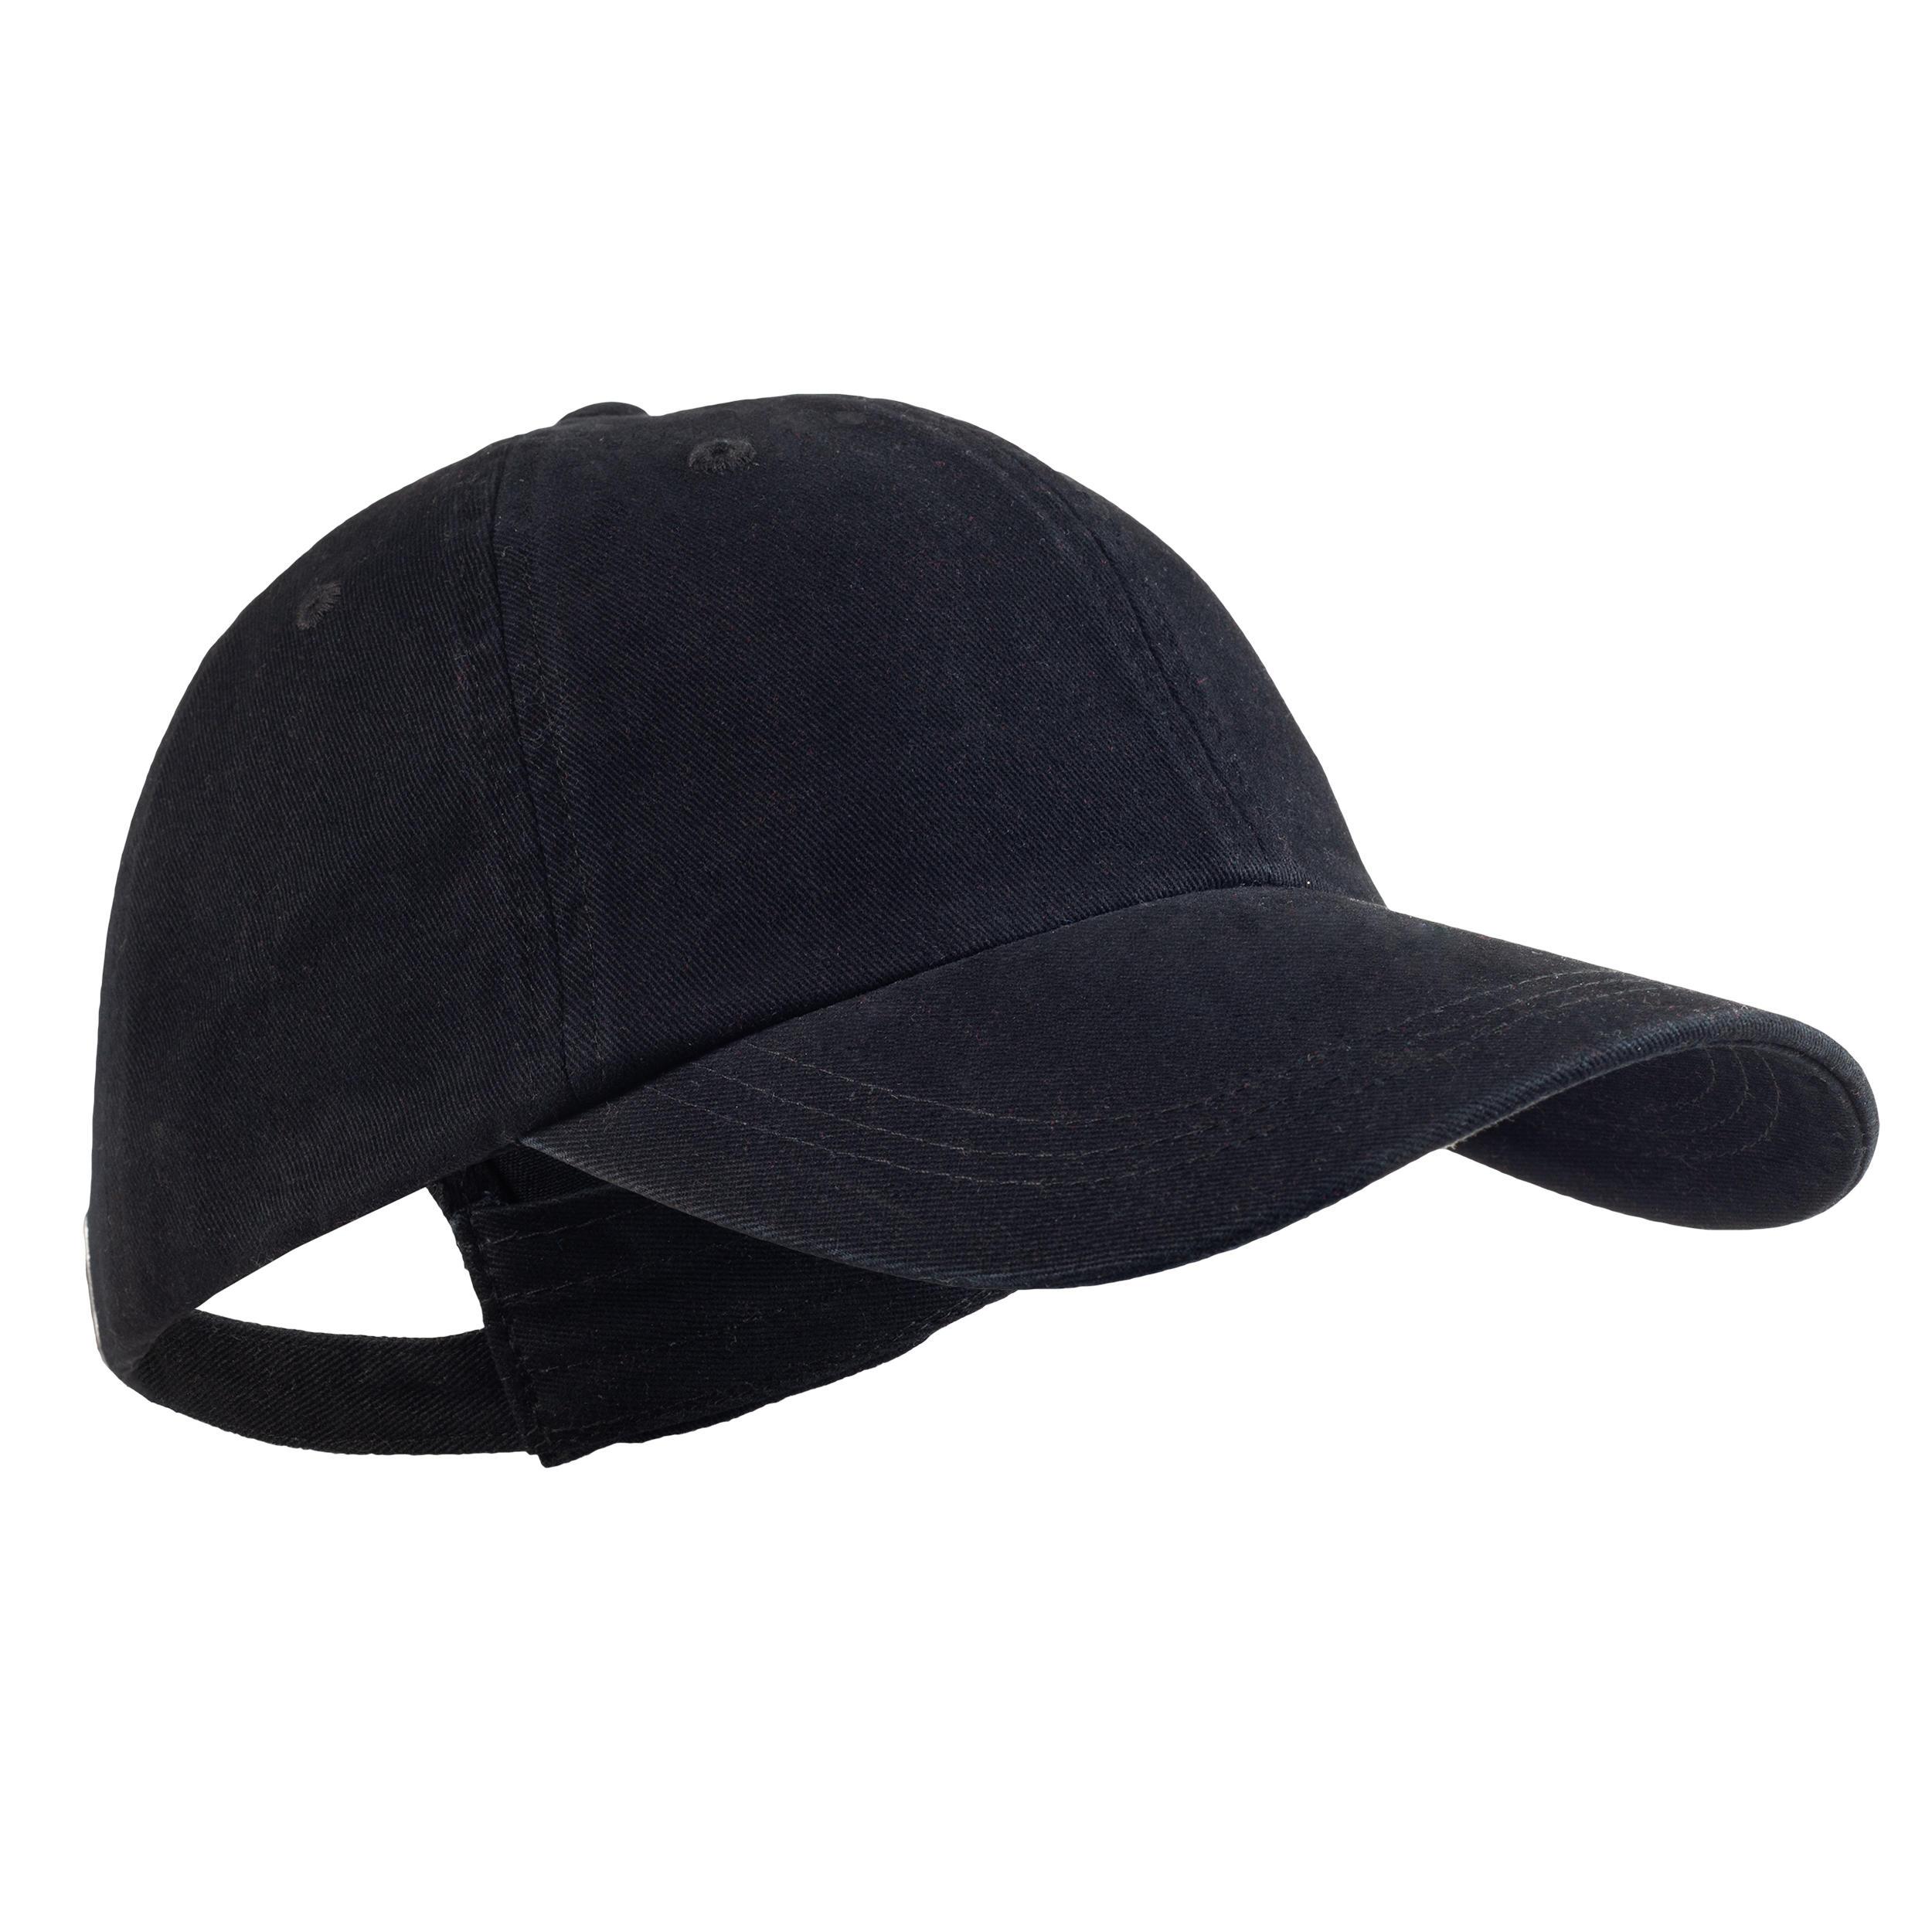 Cap Fitness Cardio-Training   Accessoires > Caps > Sonstige Caps   Domyos